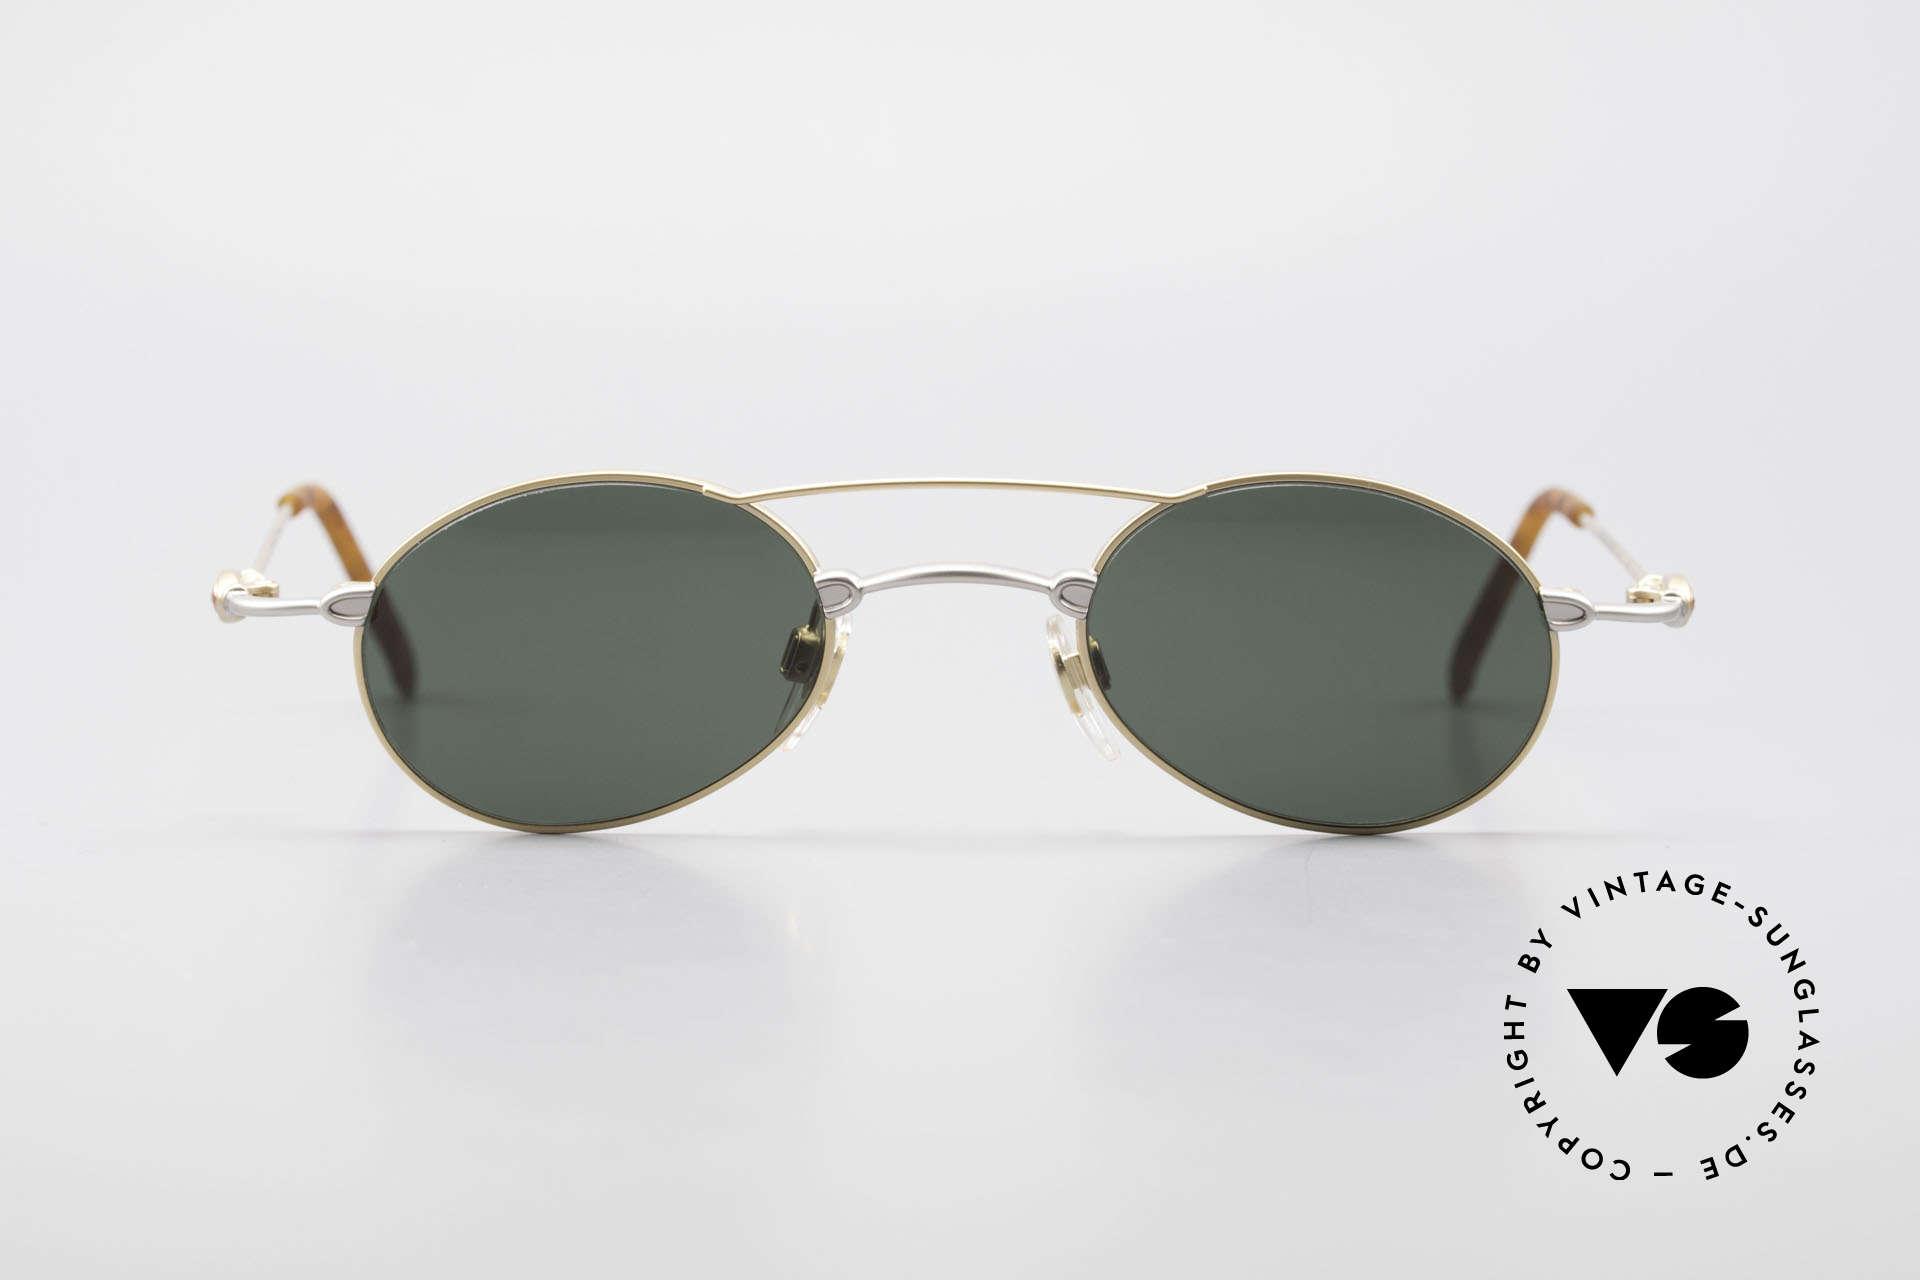 Bugatti 10868 90er Luxus Sonnenbrille Men, Material und Verarbeitung auf Top-Niveau in Gr. 44°23, Passend für Herren